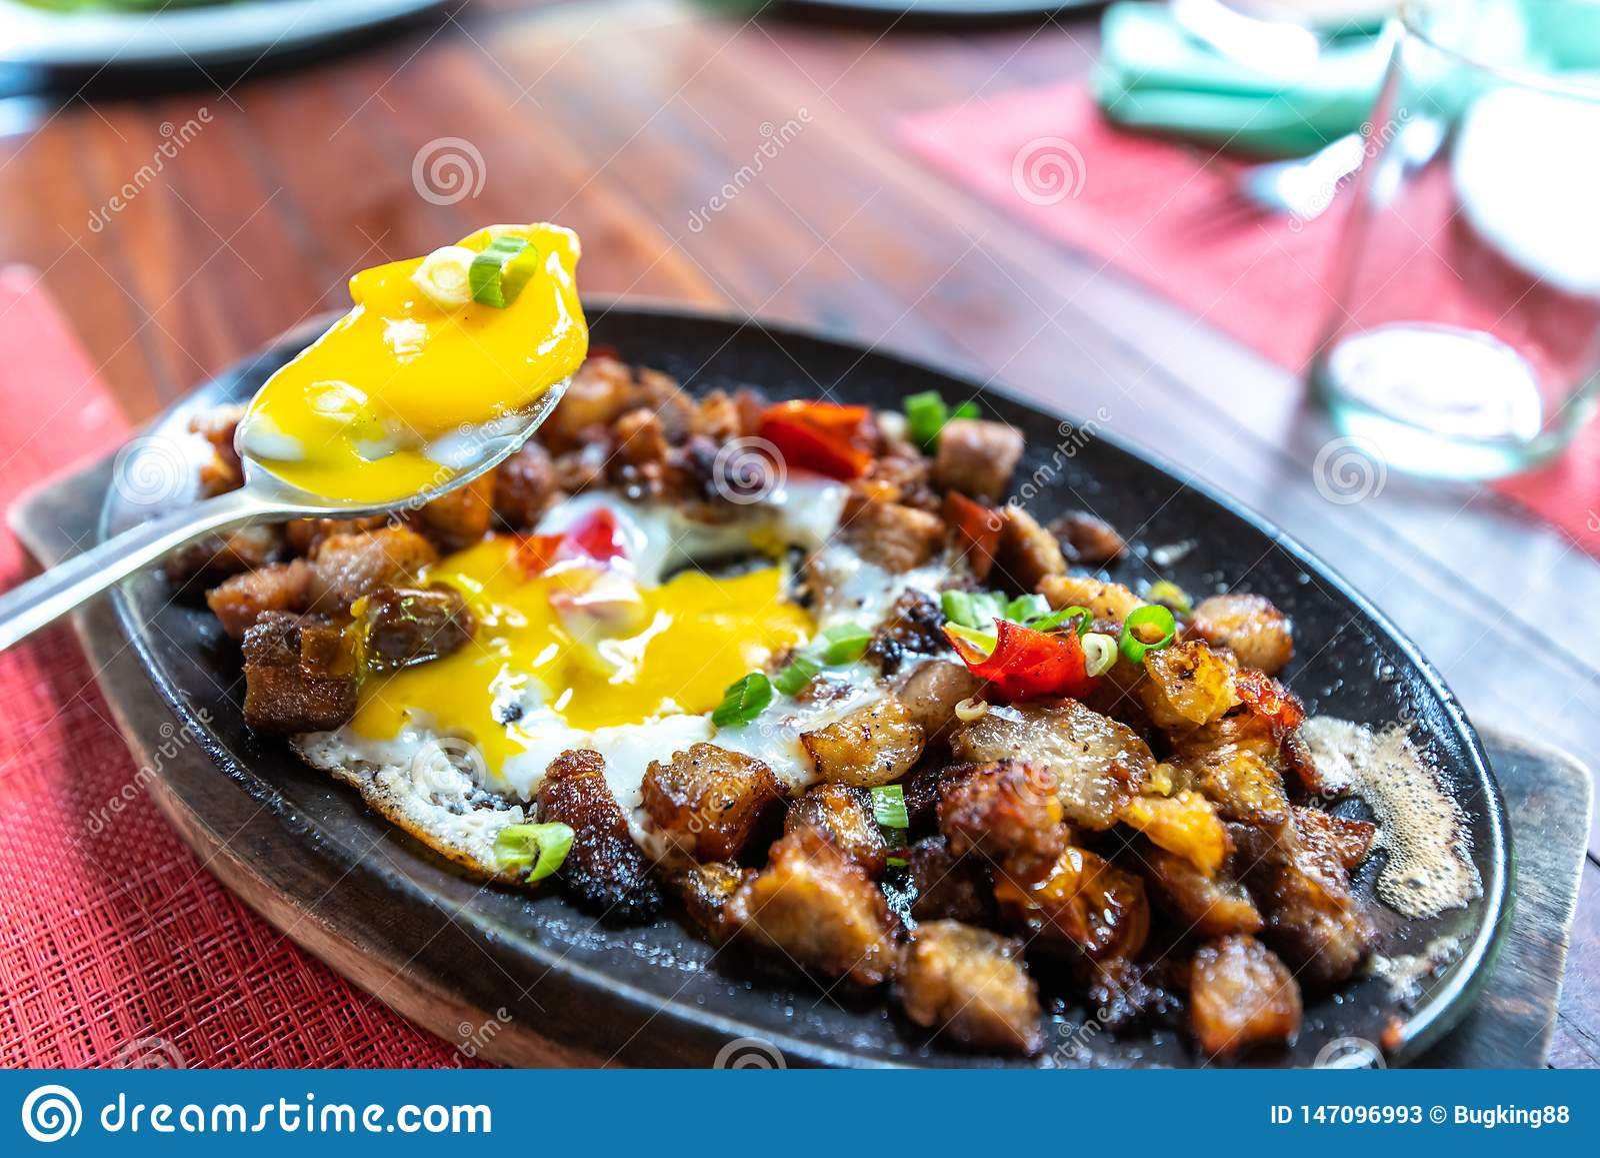 Popular Filipion dish - pork sisig